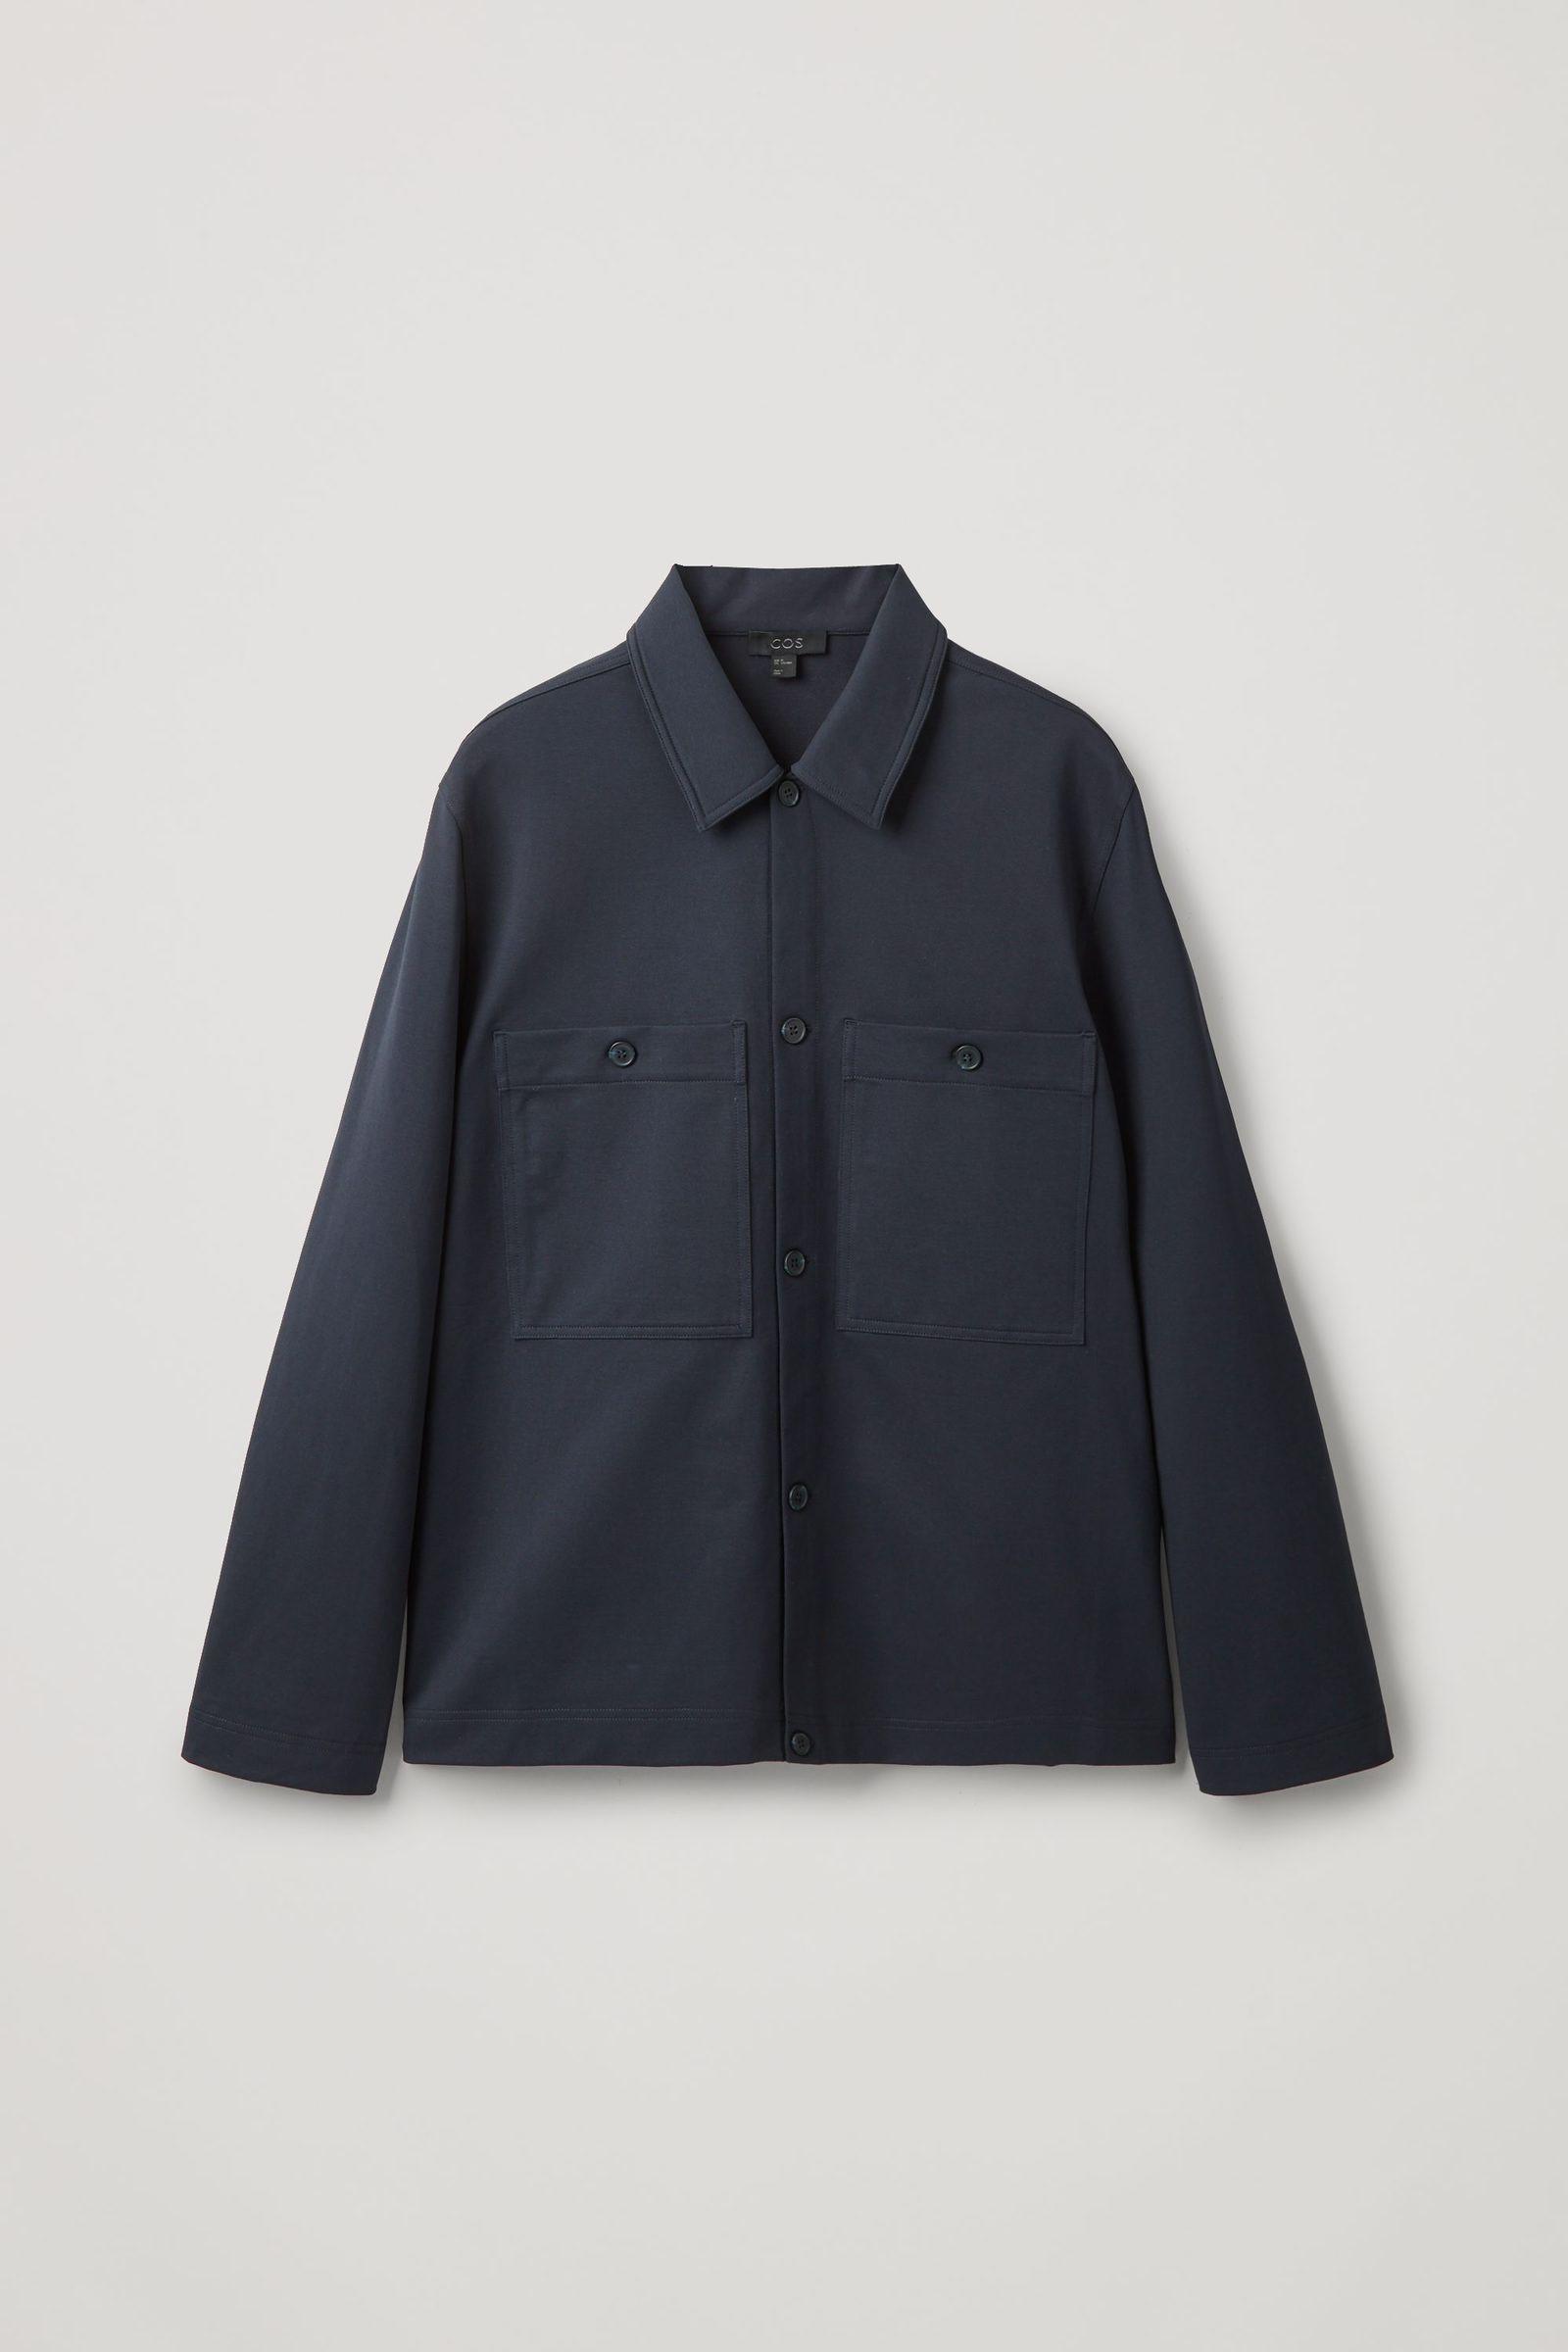 COS 오가닉 코튼 유틸리티 스타일 오버셔츠의 블루컬러 Product입니다.